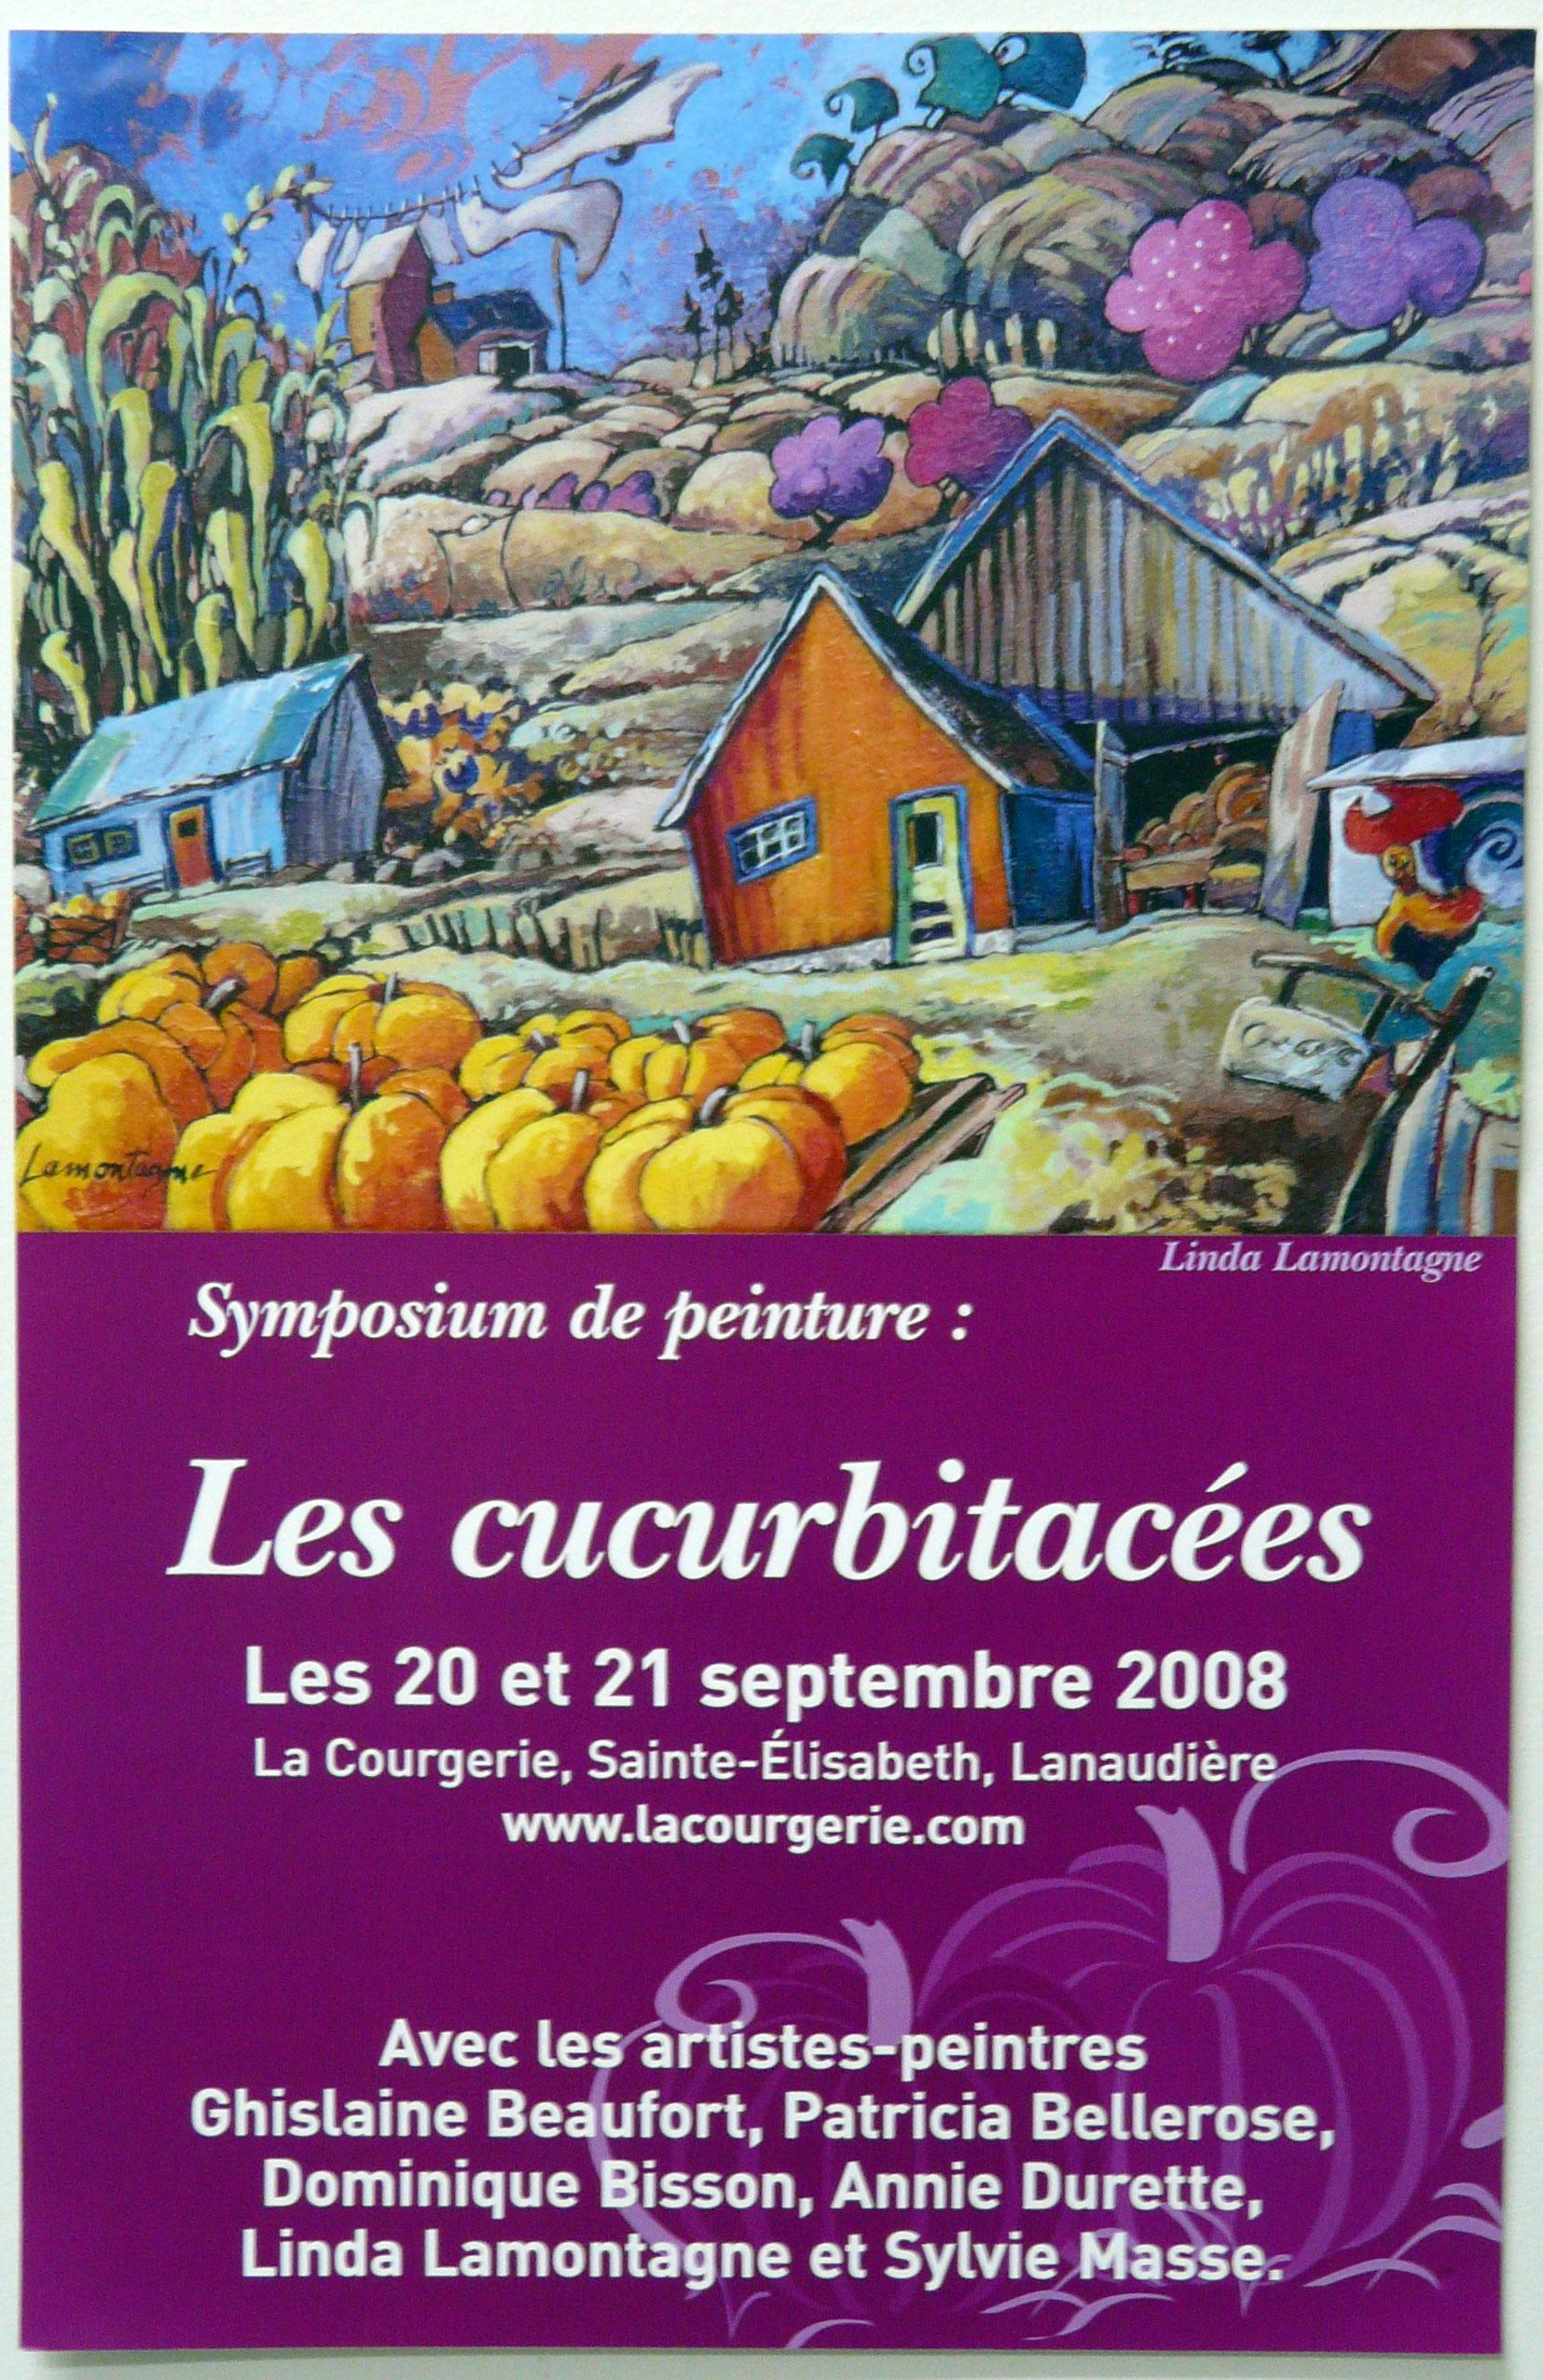 """Affiche promotionelle """"Les curcubitacées"""" 2008"""